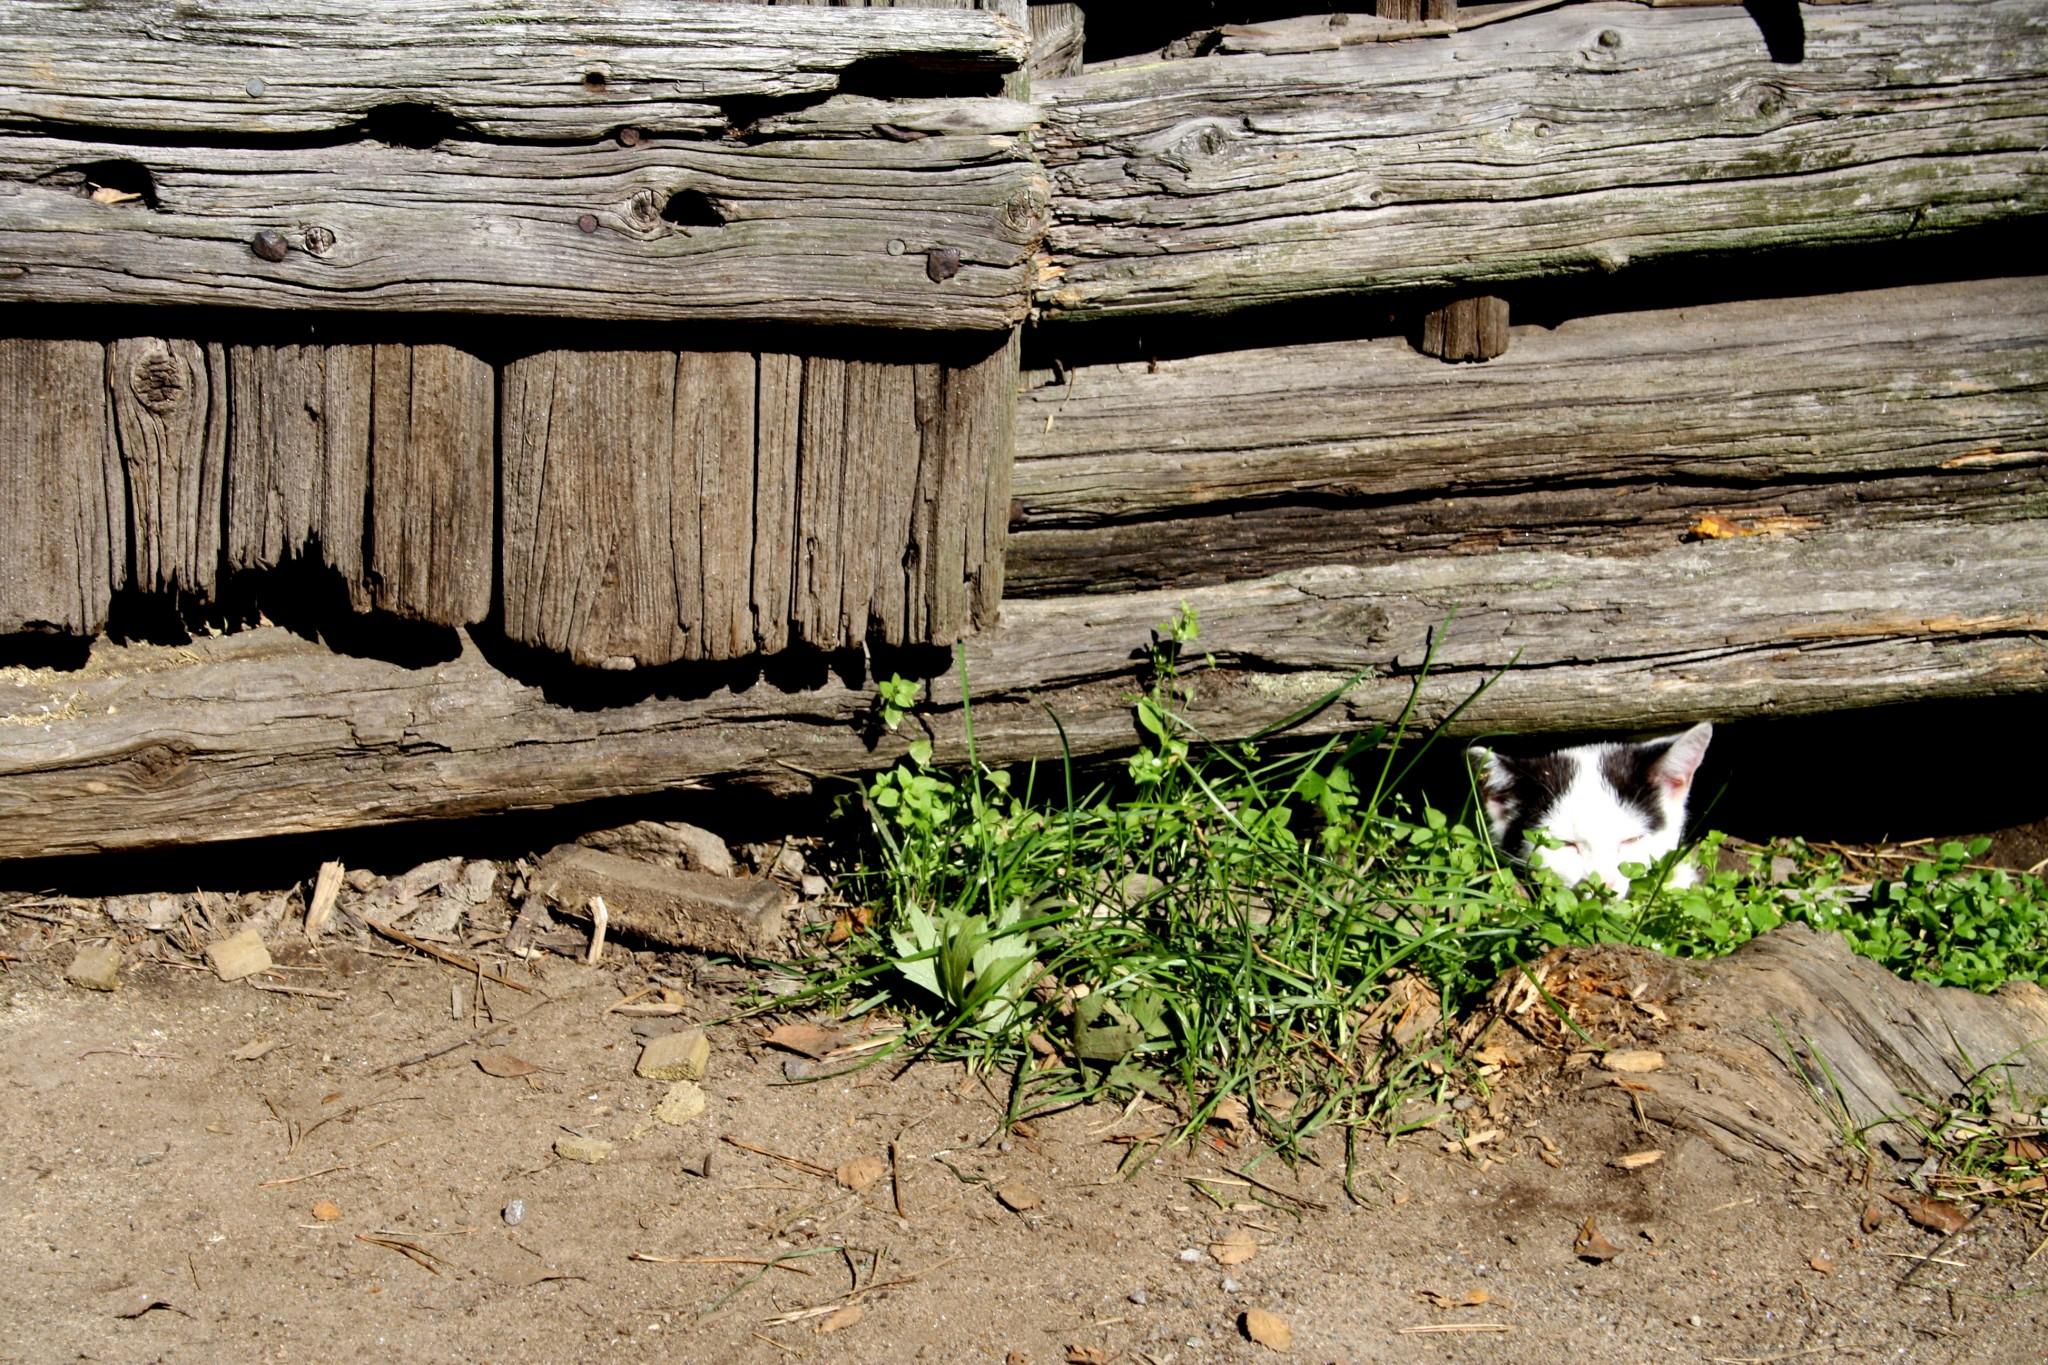 Toivosen talonpojanmuseo eläinpuisto Kokkola tekemistä